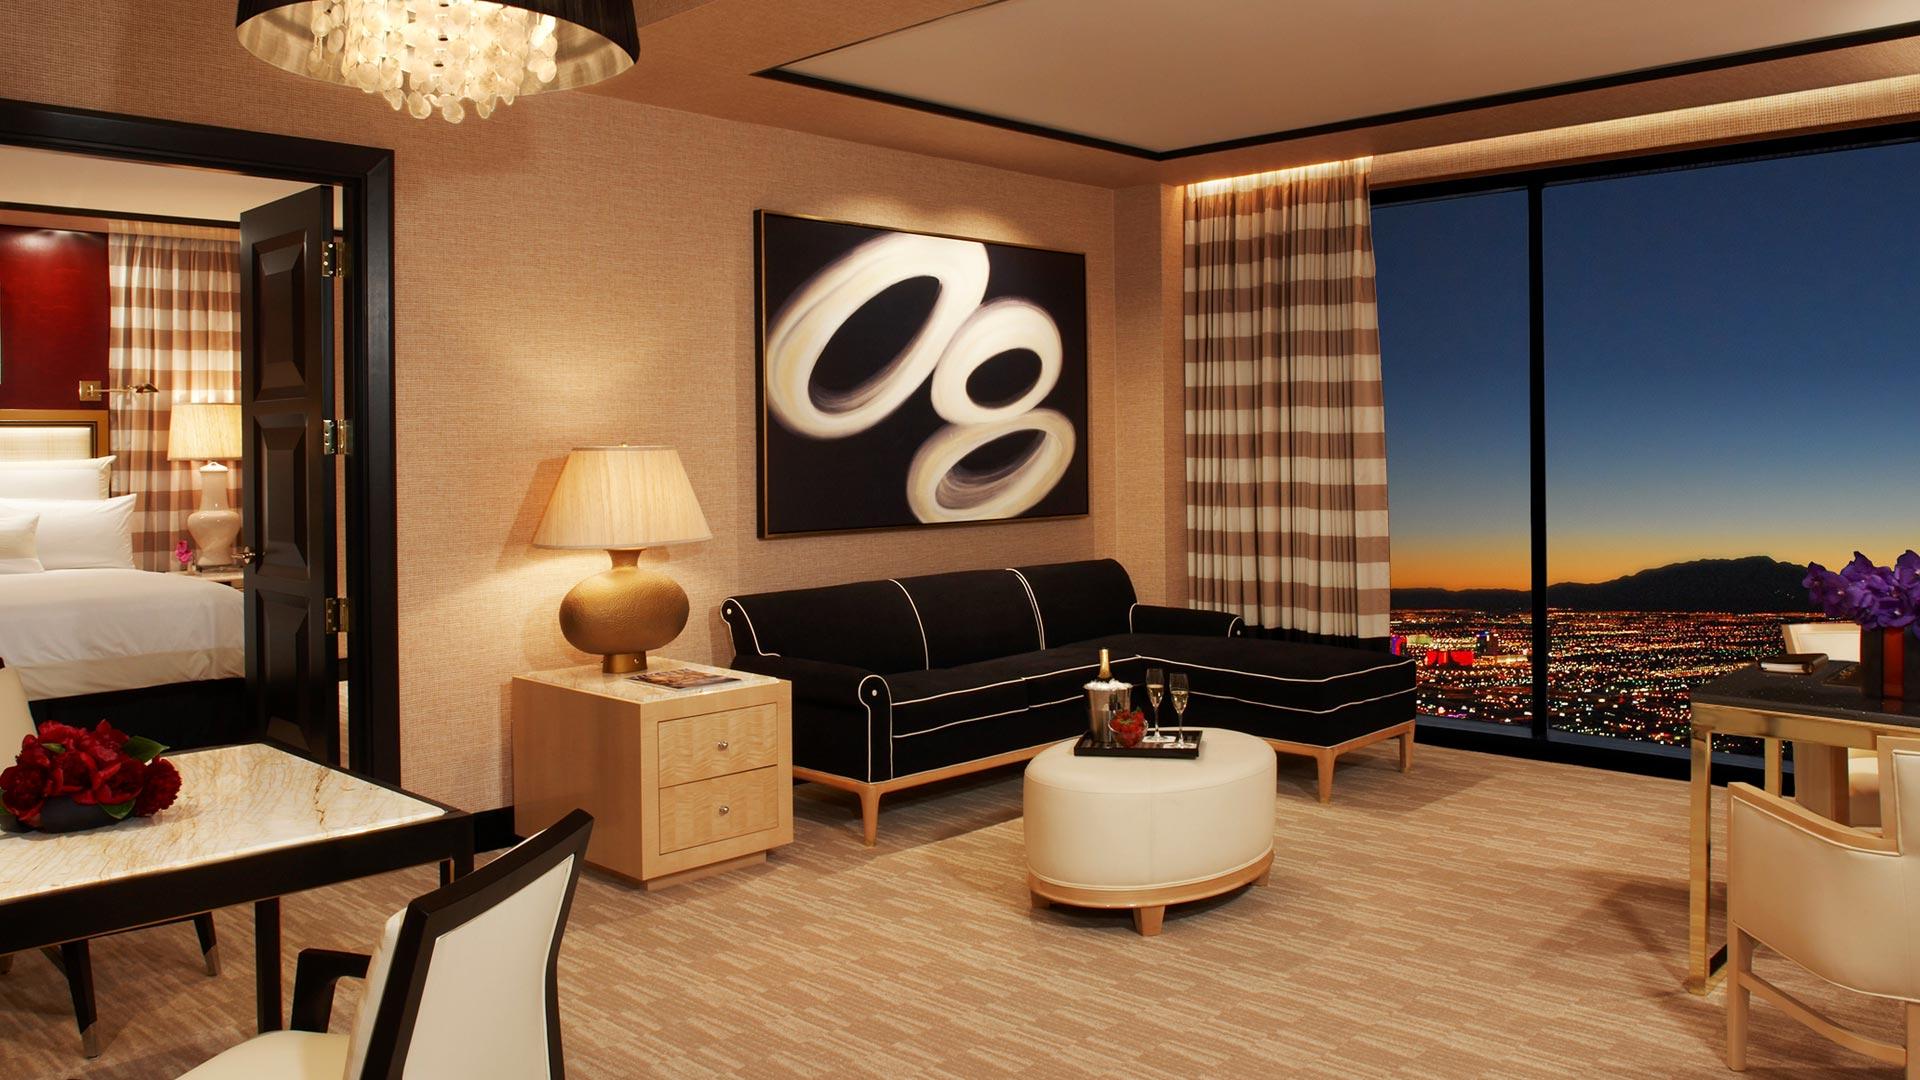 Kinh doanh khách sạn trong thời đại 4.0